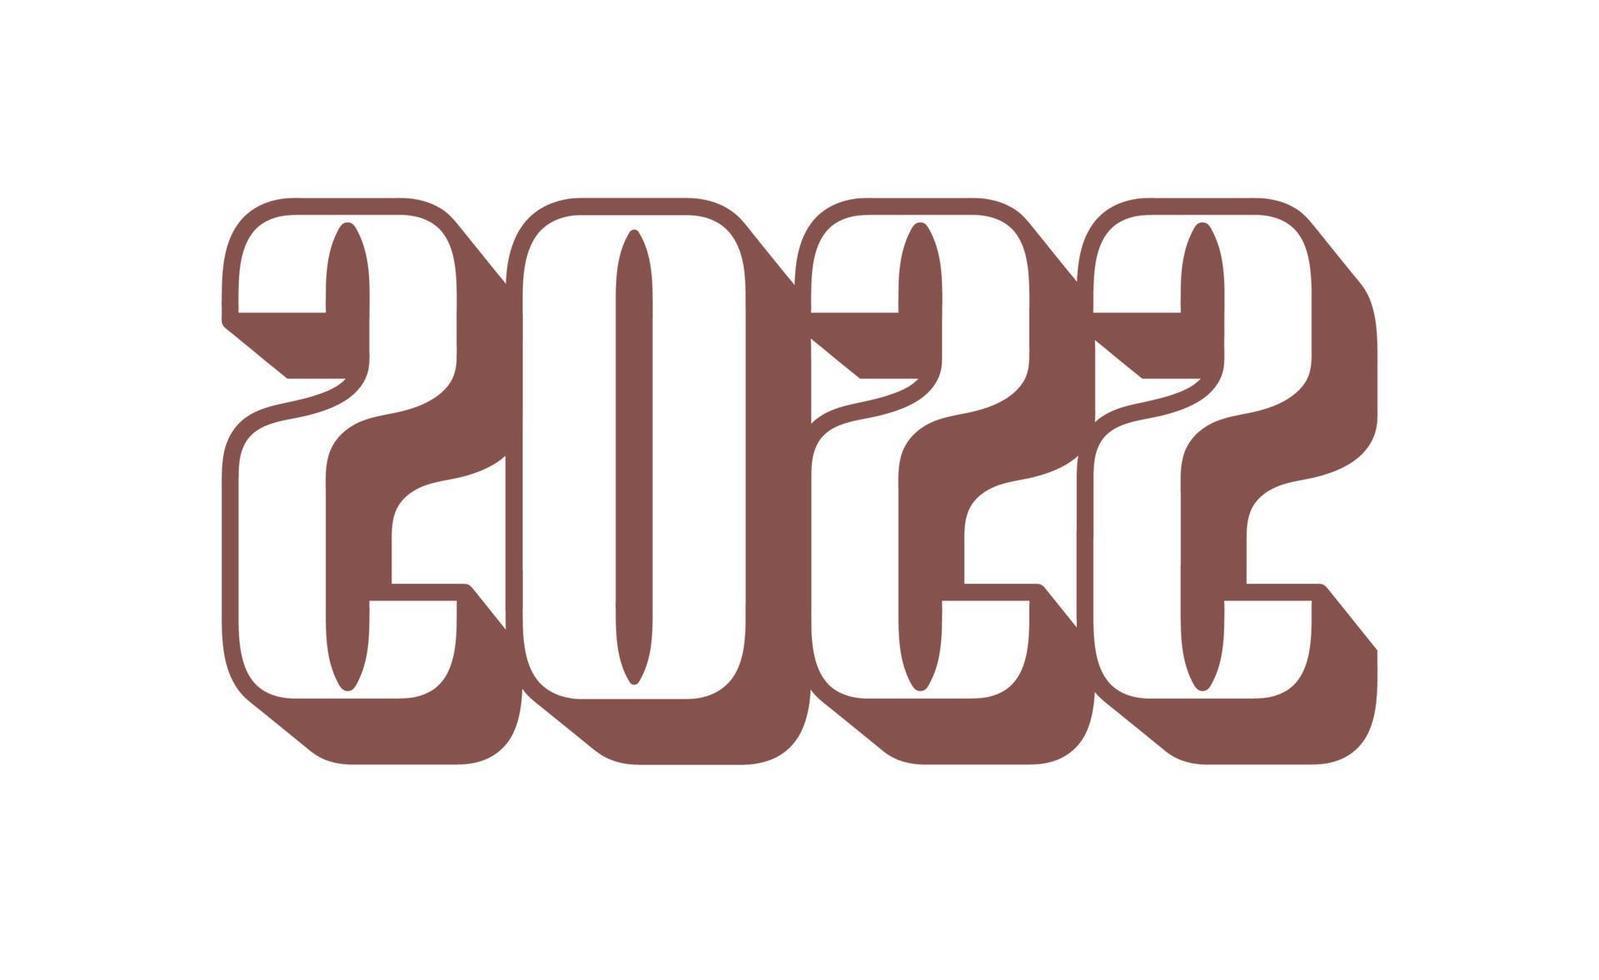 feliz ano novo 2022 com estilo de esporte de ilustração de vetor de números. design de ano novo para calendário, cartões ou impressão. banner de fundos na moda de design minimalista, capa, cartão. ilustração vetorial.